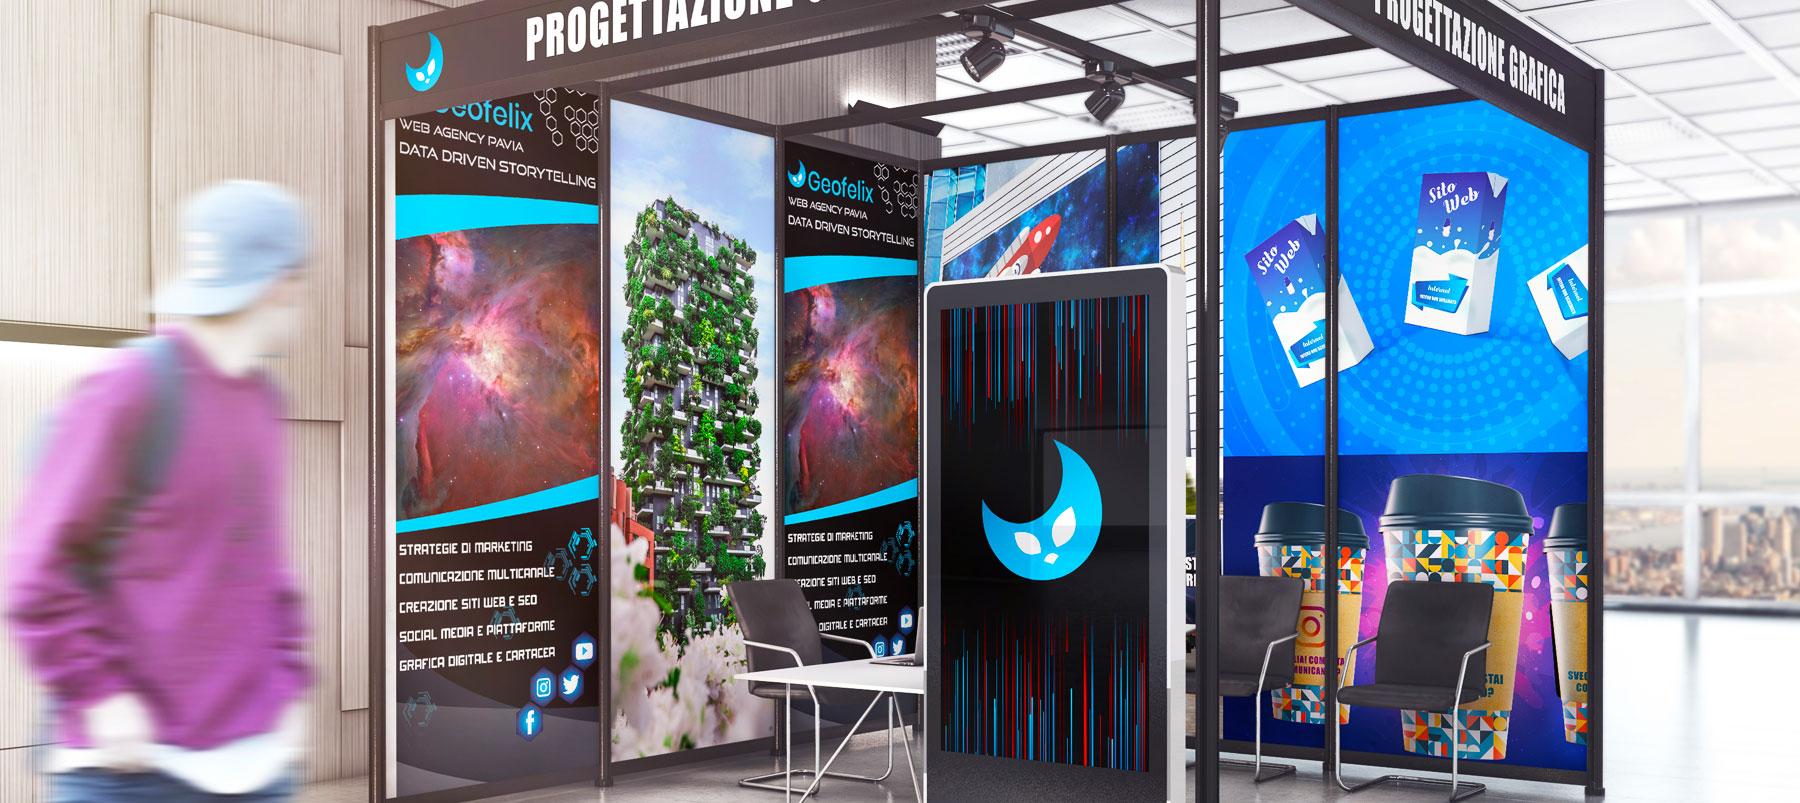 branding-seo-marketing-creazione-siti-web-pavia-milano-design-progettazione-grafica-geofelix-116